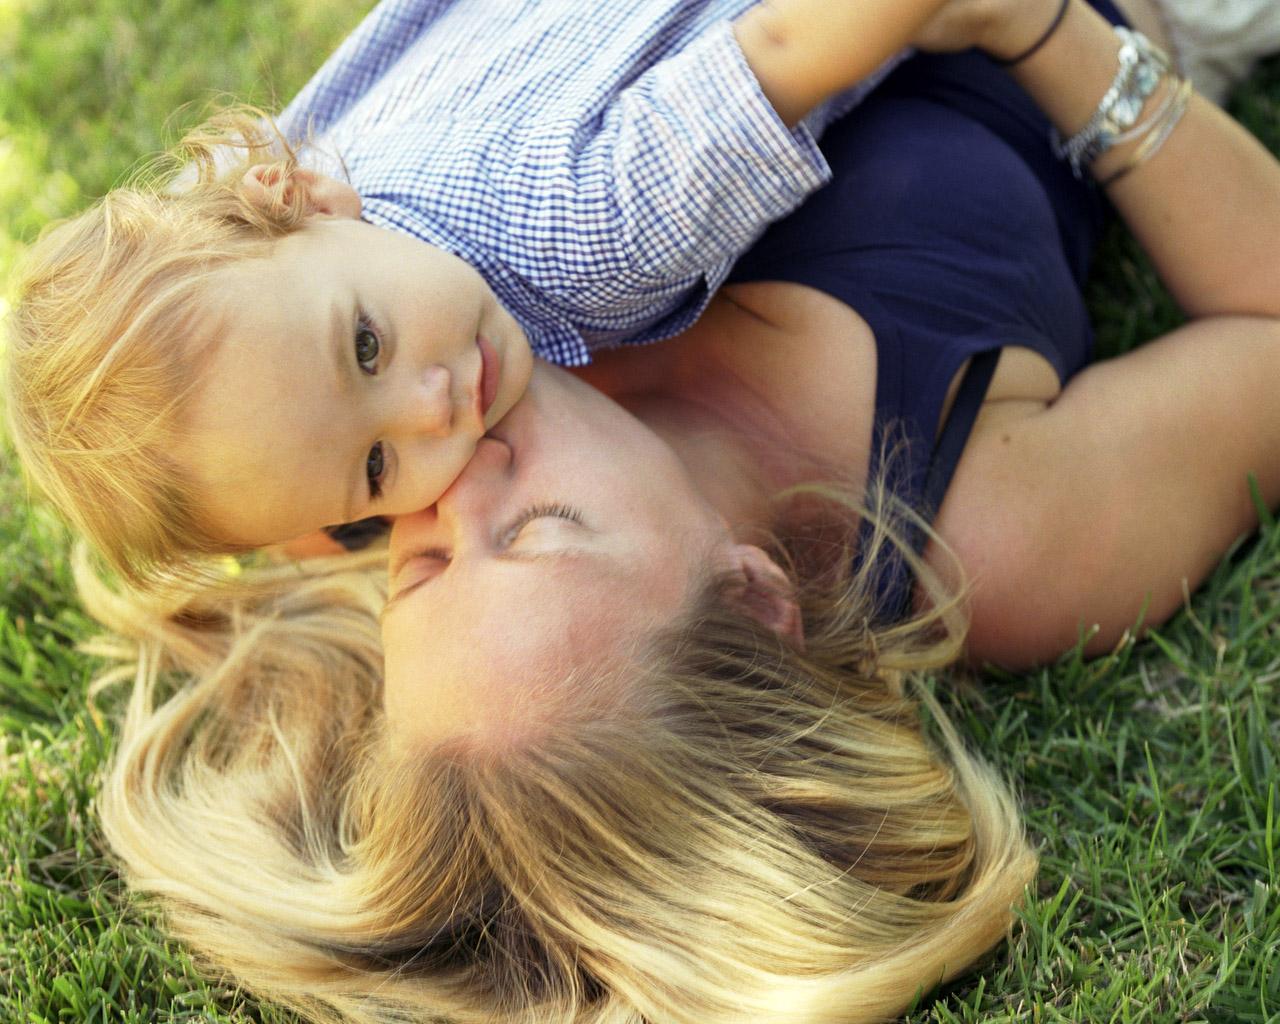 Фото блондинок с детьми сзади